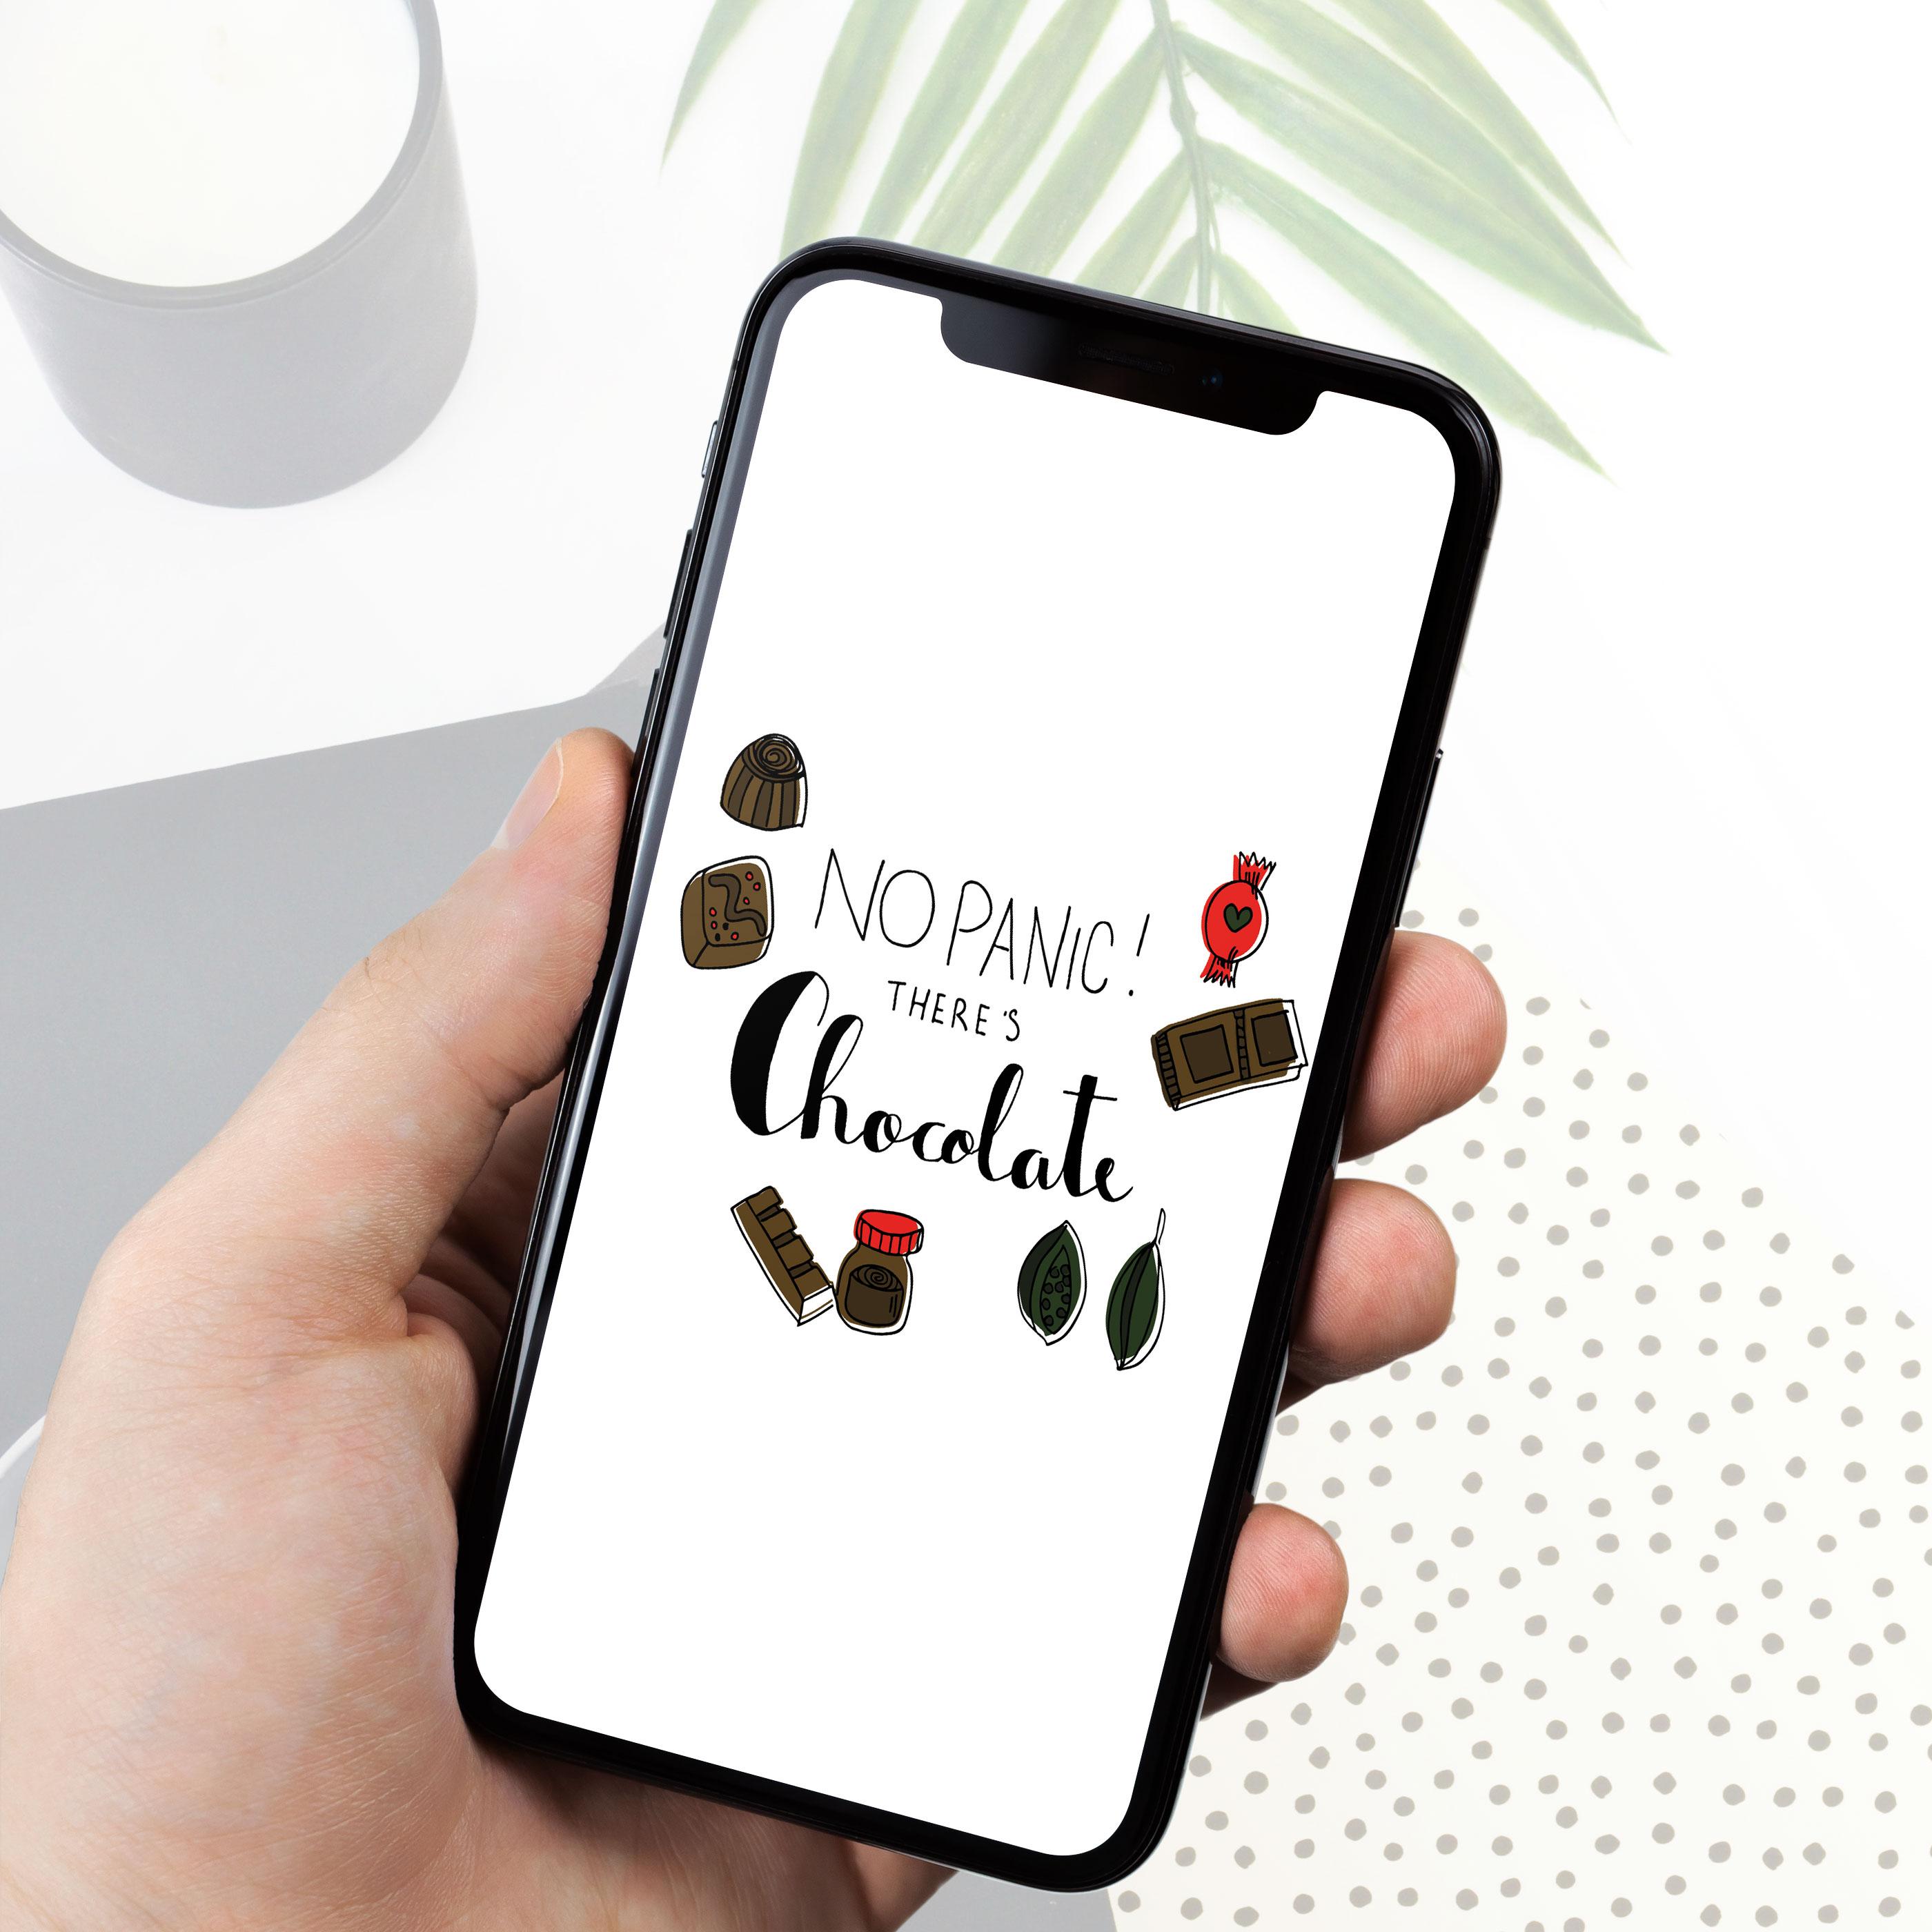 Nieuwe Stijl Grafische Vormgeving Putten Ontwerp Goedkoop Reclame Veluwe Logo Drukwerk Wallpaper Illustratie iPhone chocola